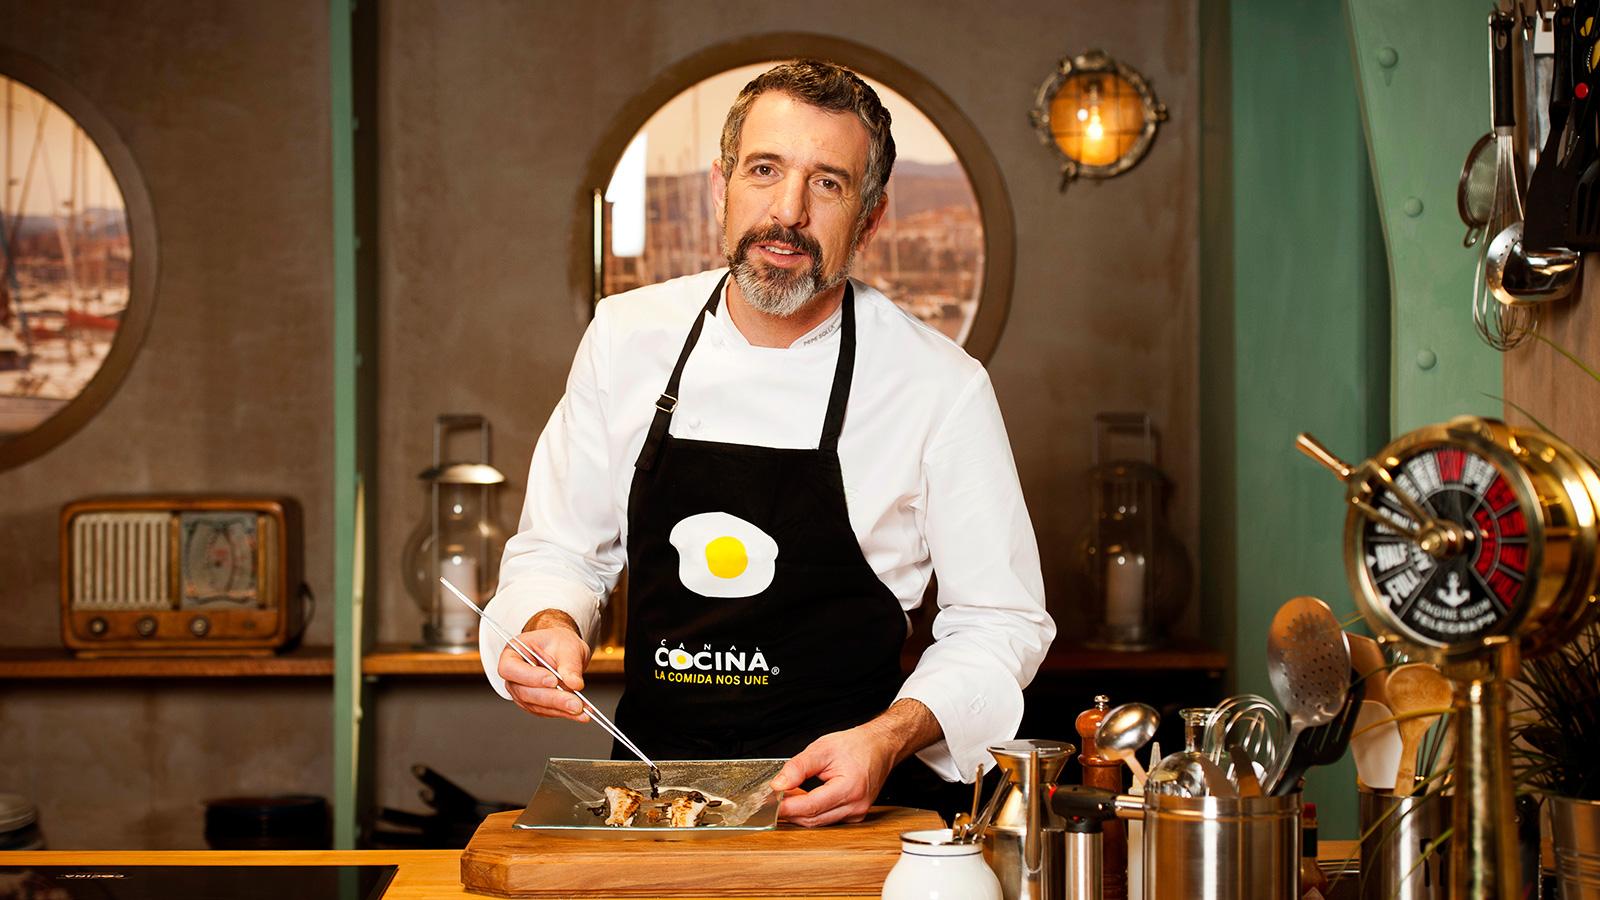 Pepe solla cocineros canal cocina - Canal cocina cocineros ...